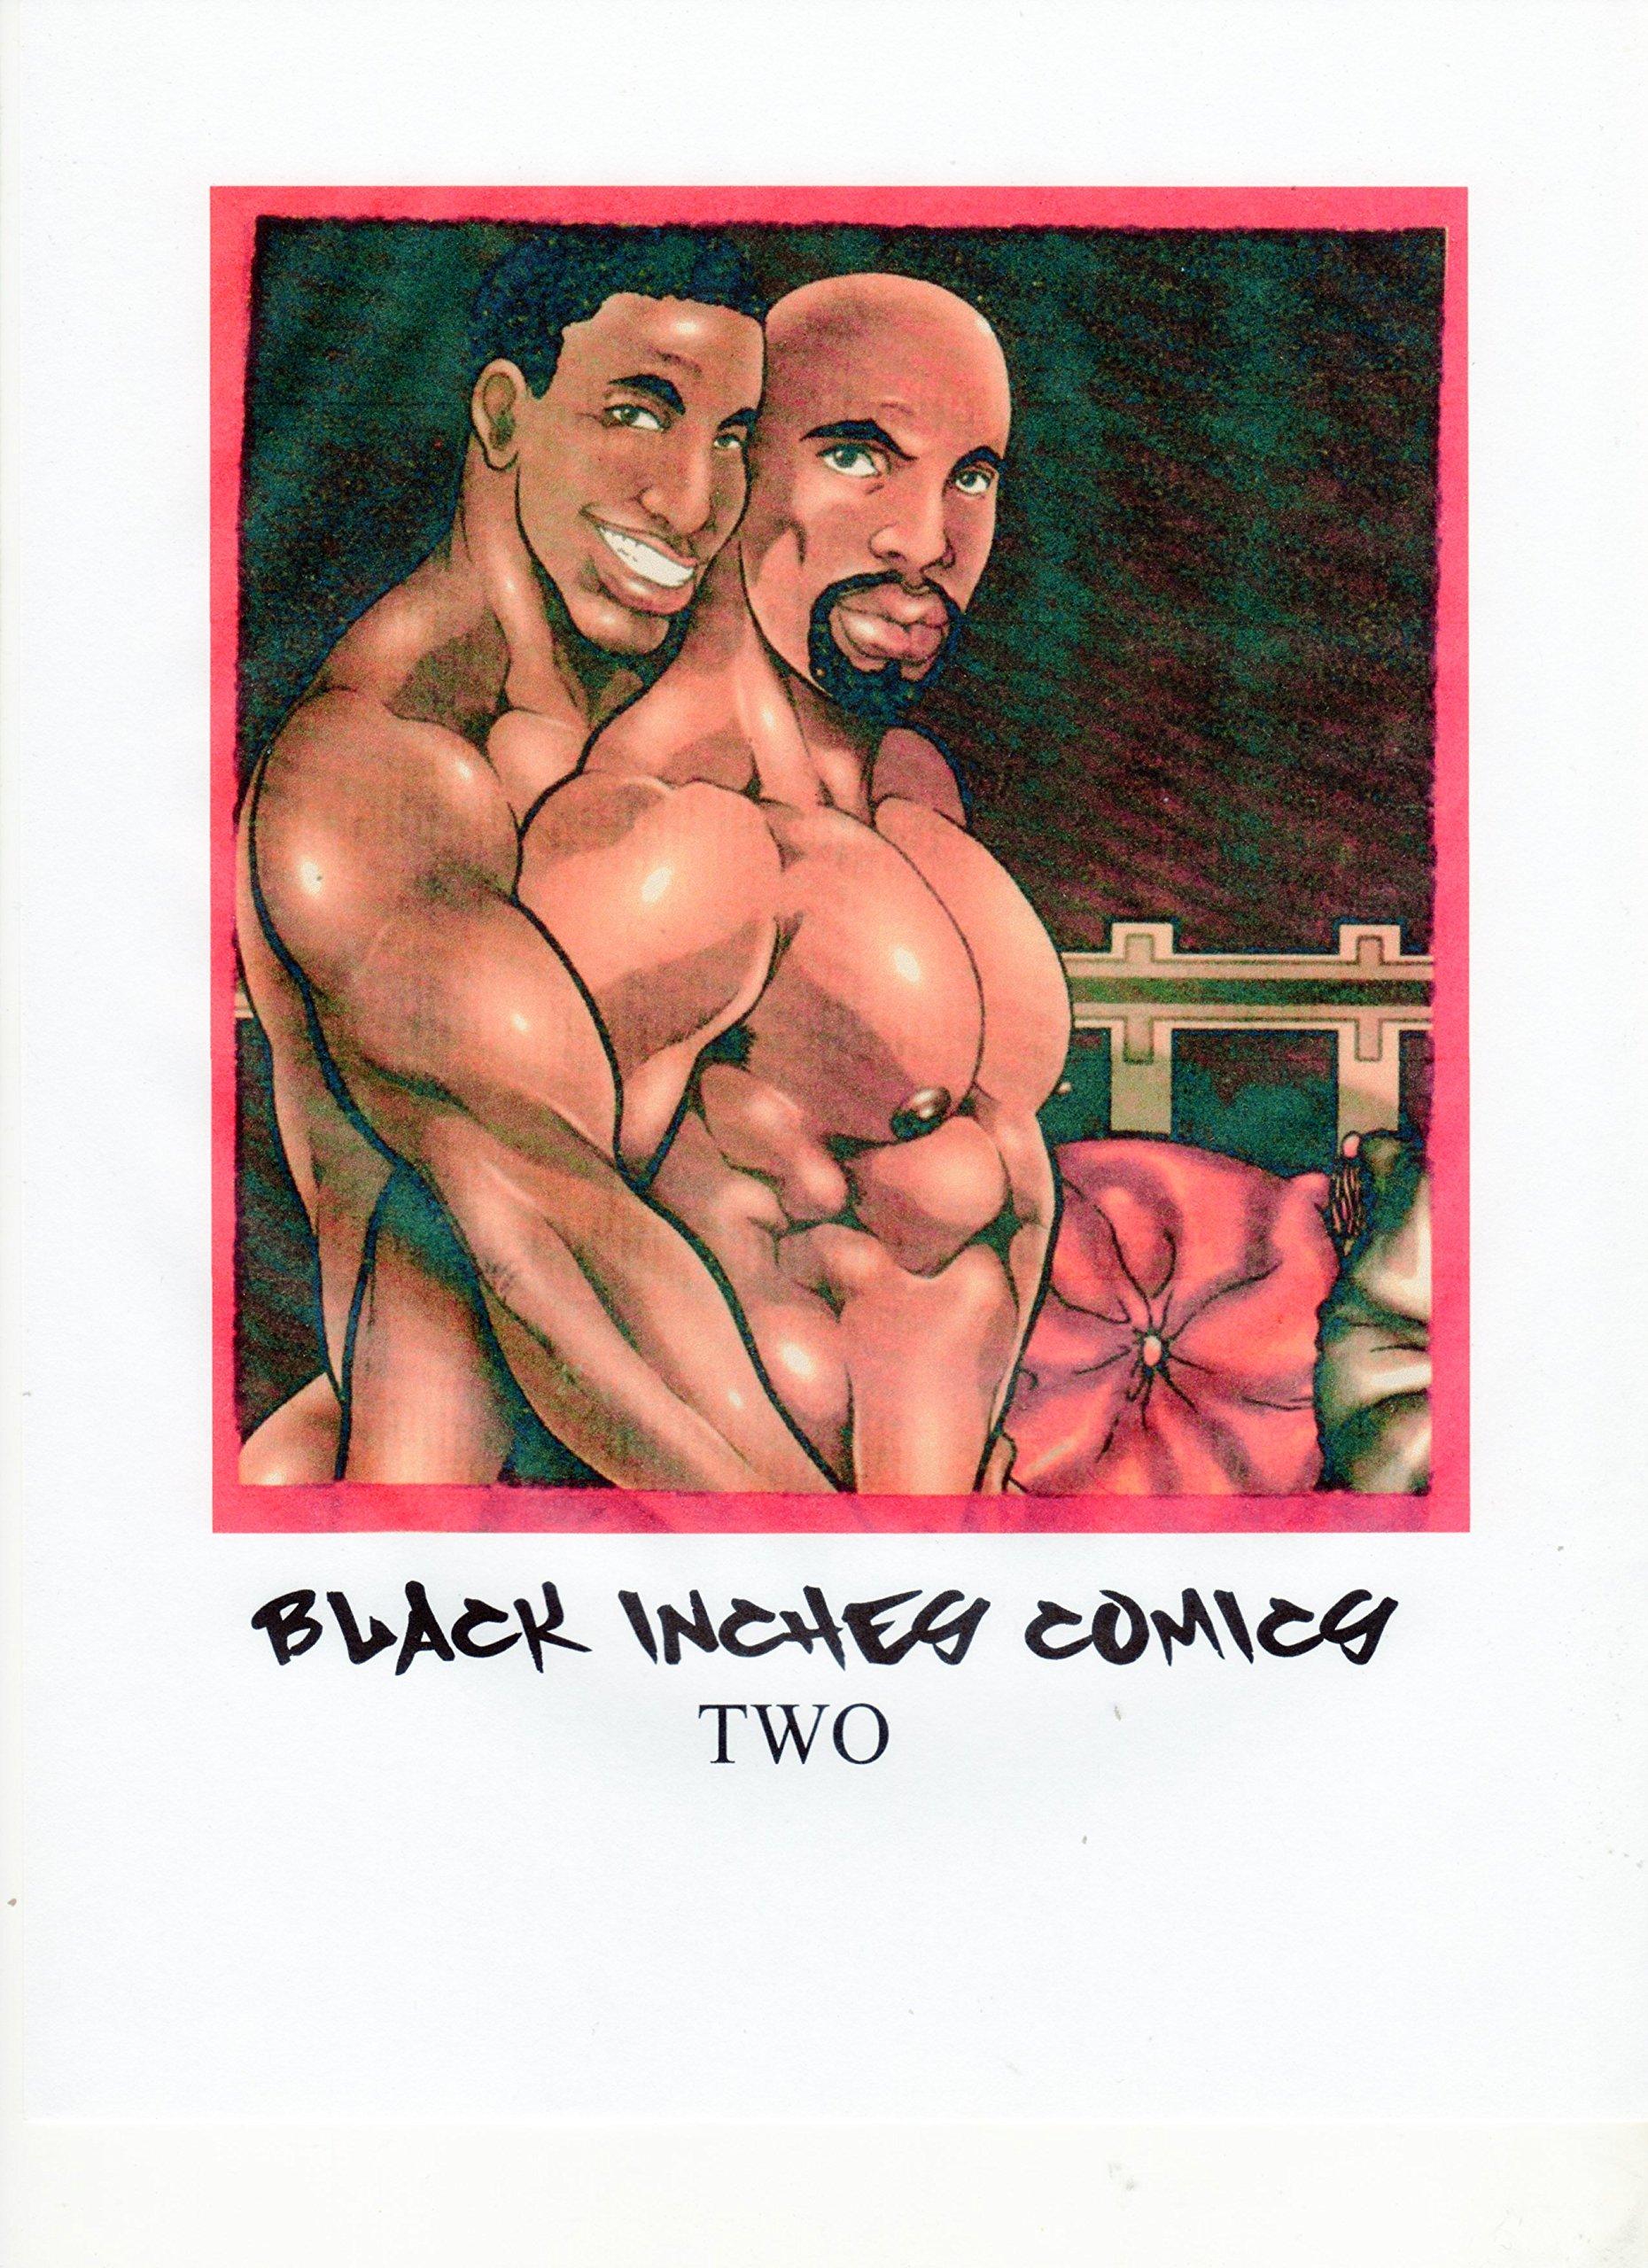 Gay Black Inches Magazine Comics Book Two pdf epub